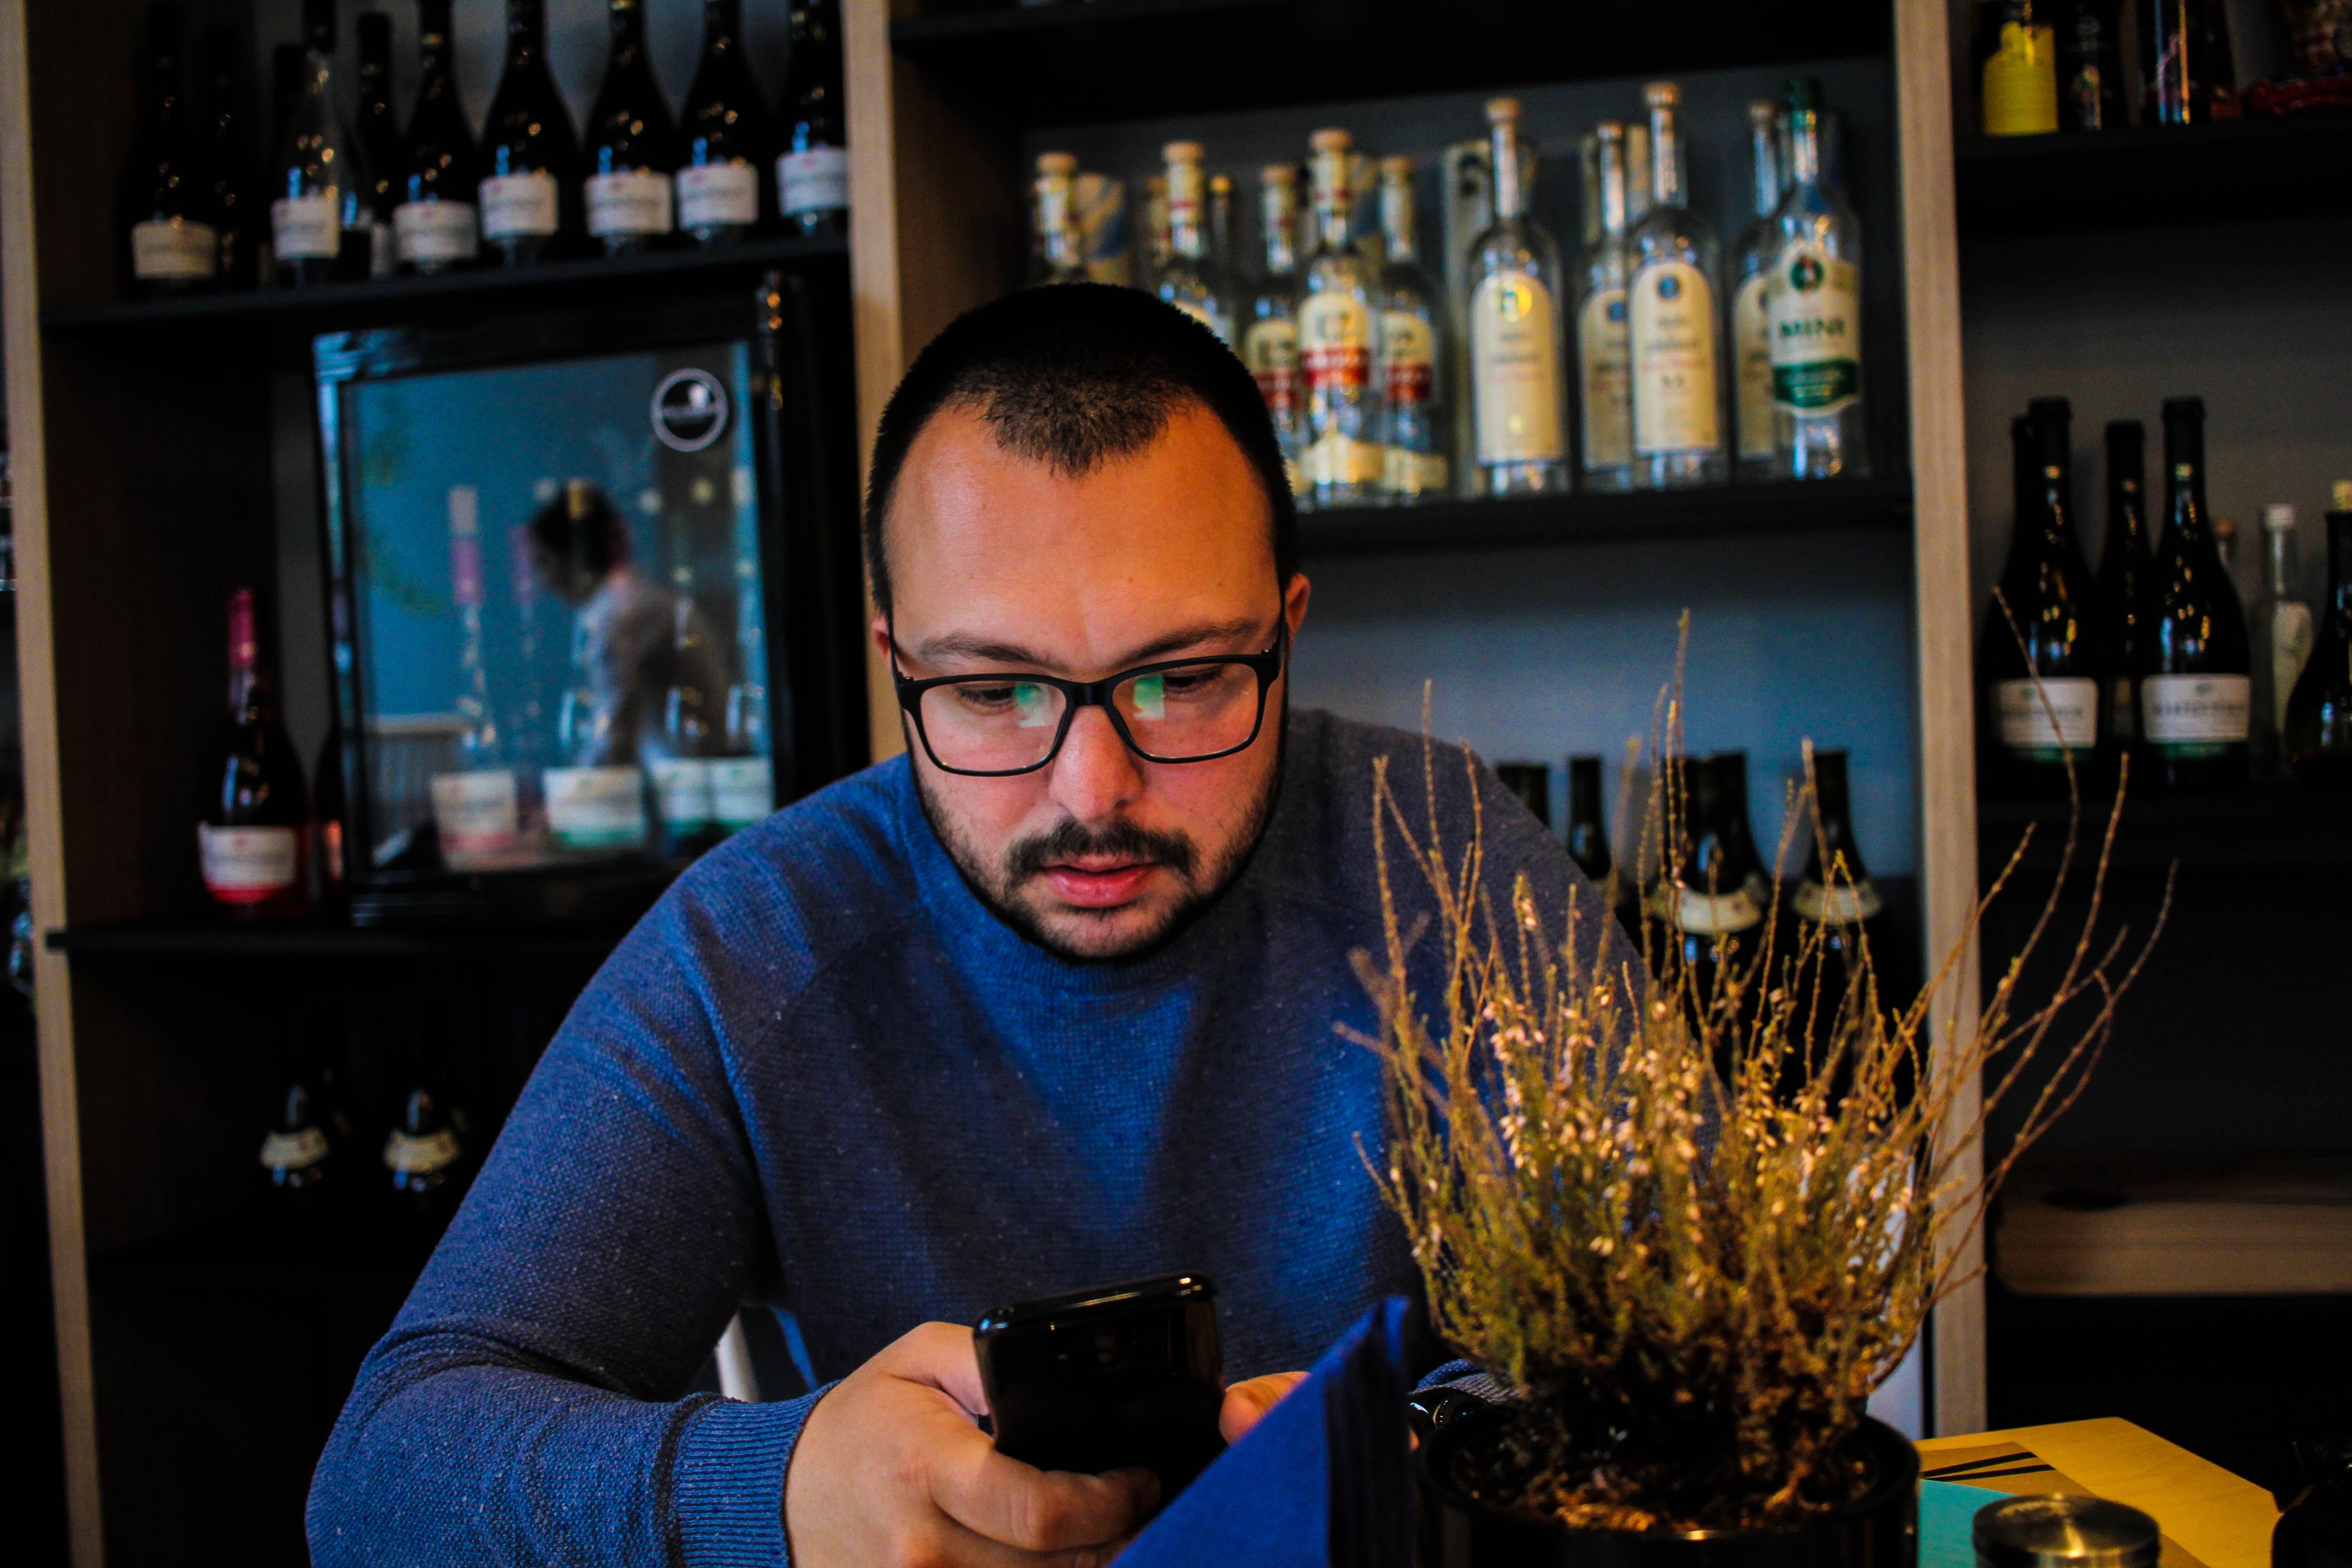 adult, bar, beverage